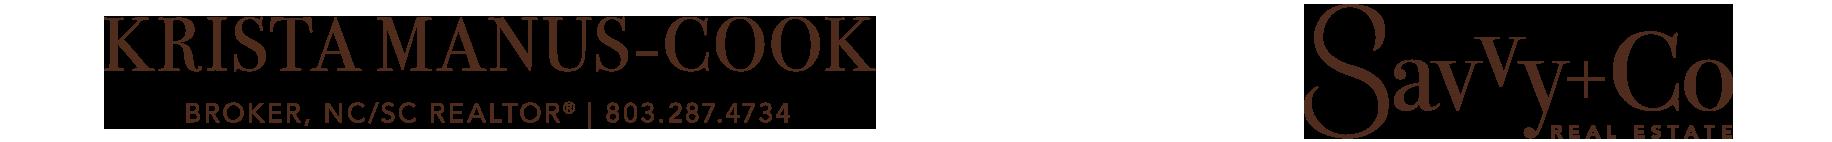 Krista Manus, Broker, NC REALTOR® Logo